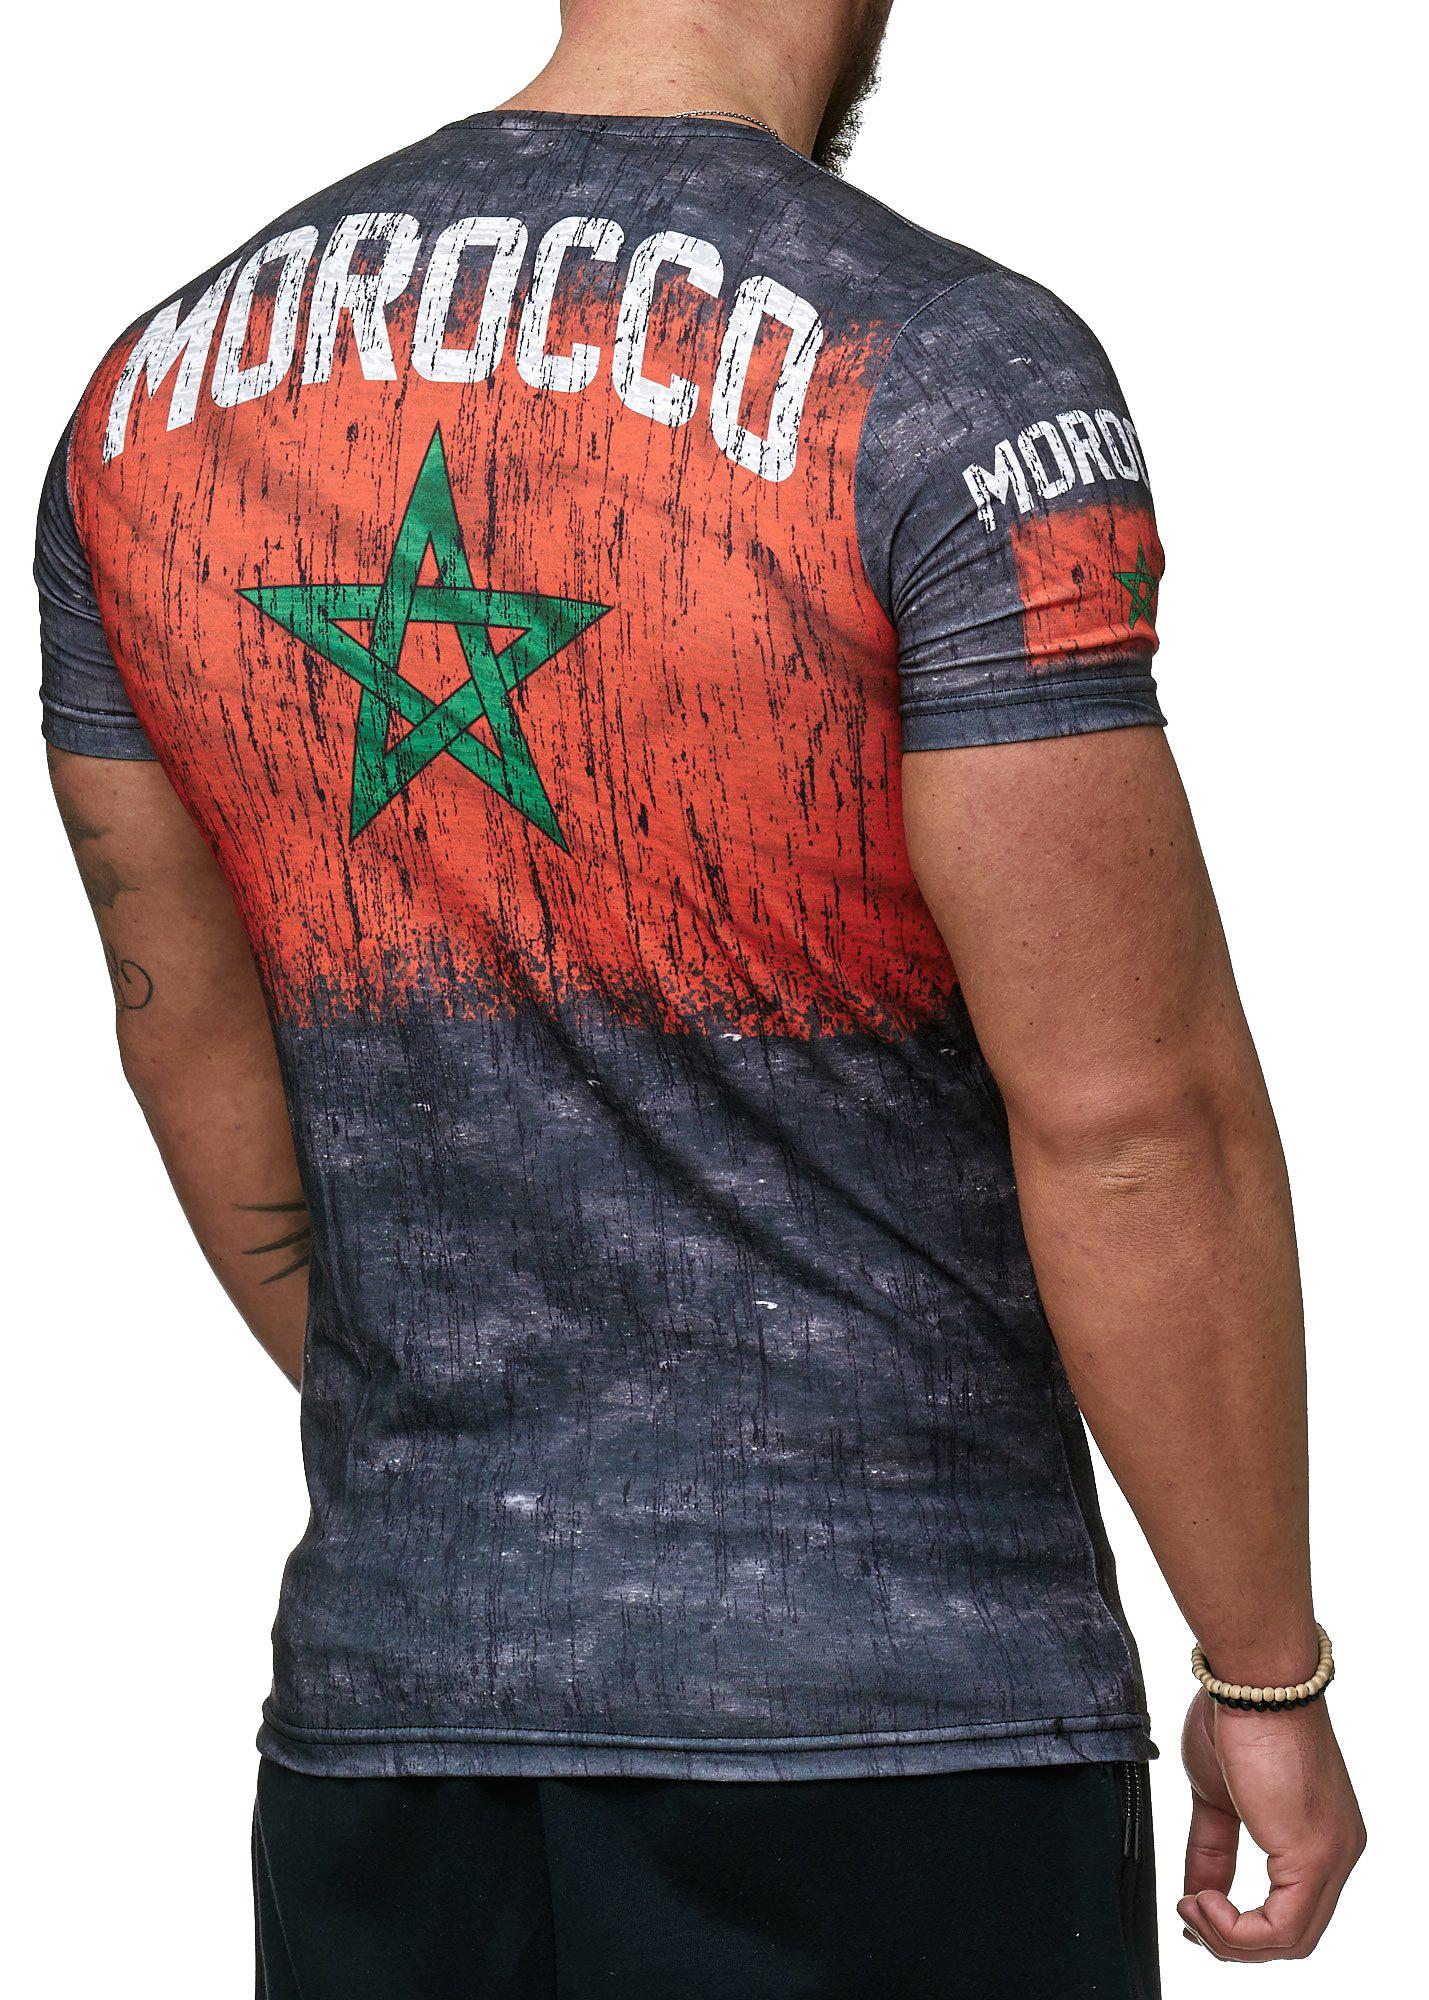 Paesi-da-Donna-T-shirt-A-Maniche-Corte-Girocollo-donne-CALCIO-Fanshirt-John-Kayna miniatura 30